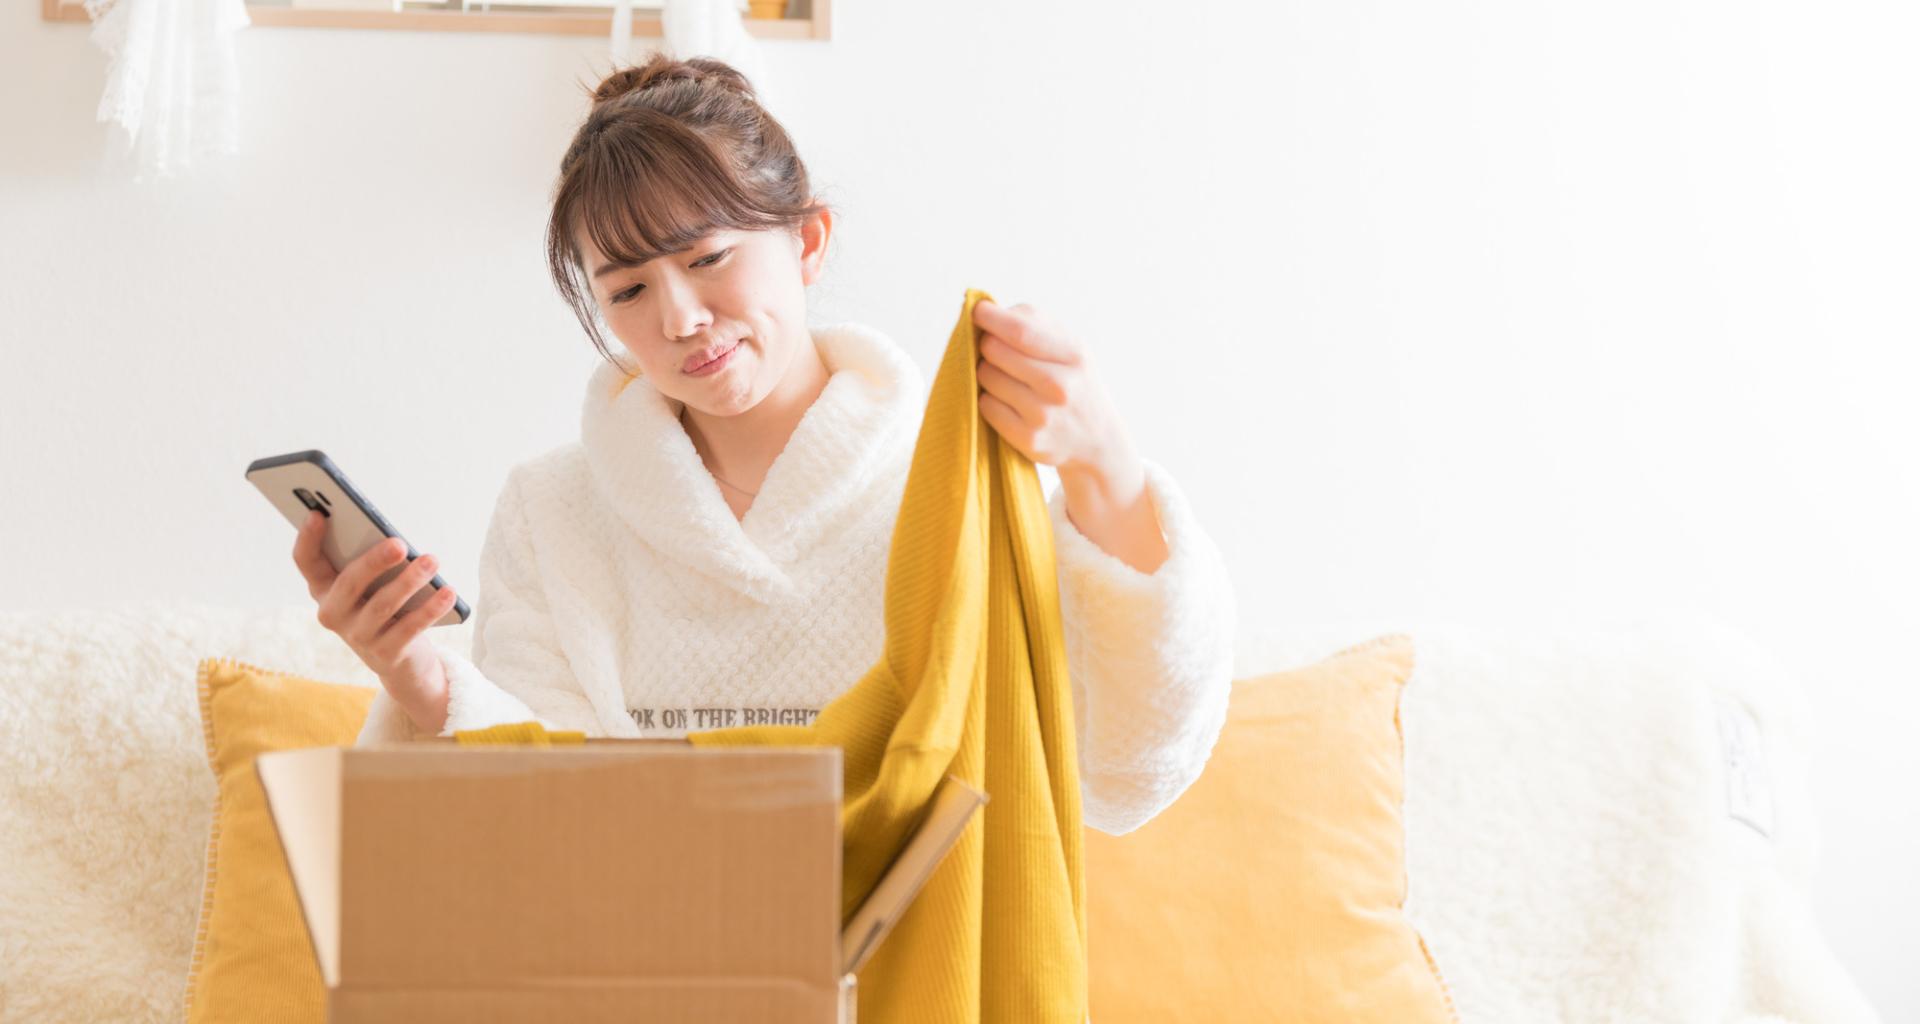 đổi, trả hàng ở Nhật